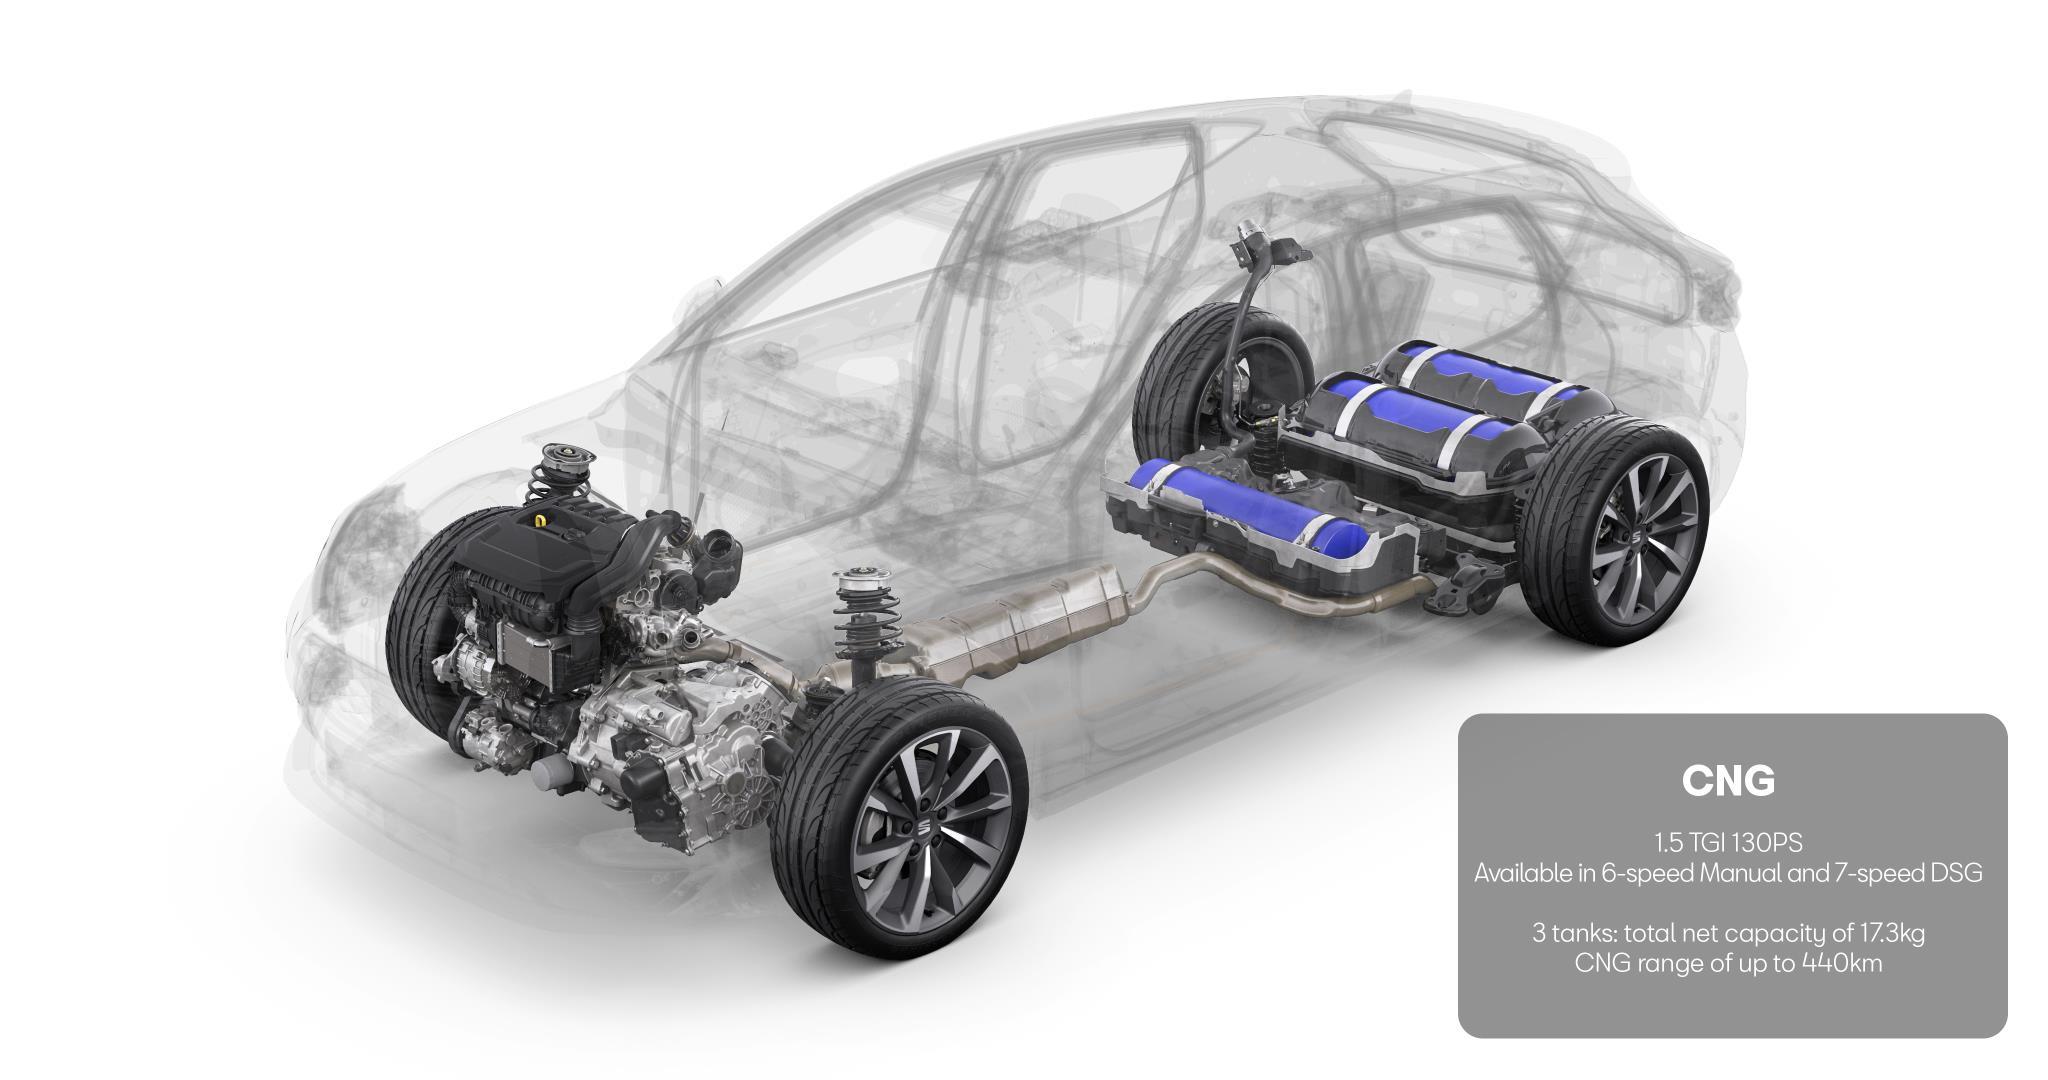 El Seat León es converteix en el primer vehicle de la marca amb 5 propulsions diferents